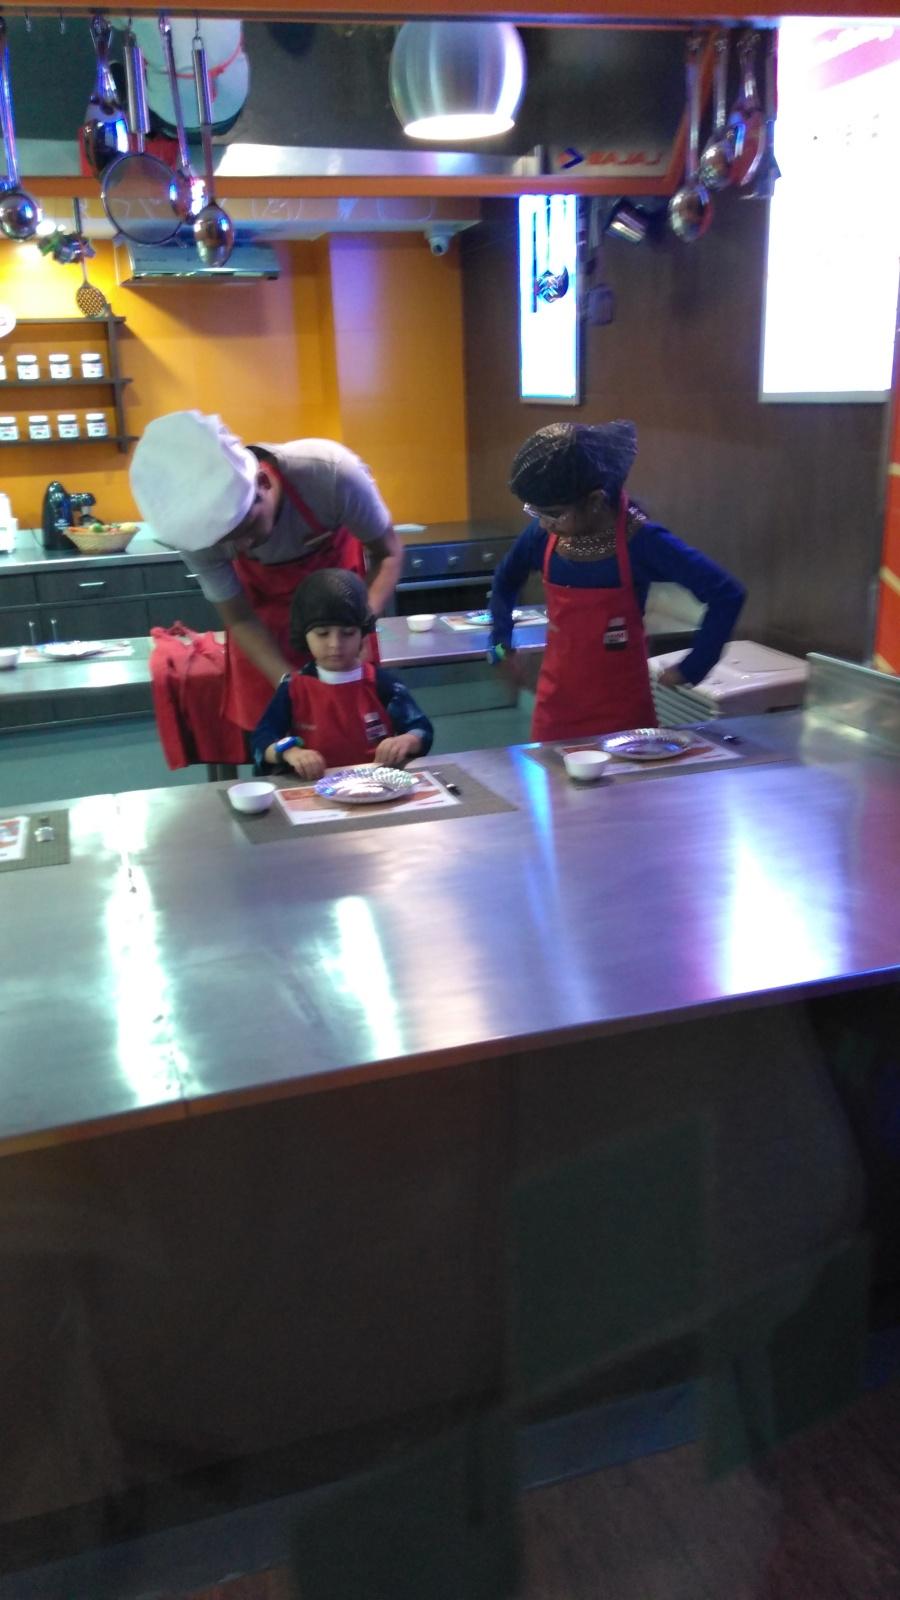 Culinary course (relishingrascal.wordpress.com